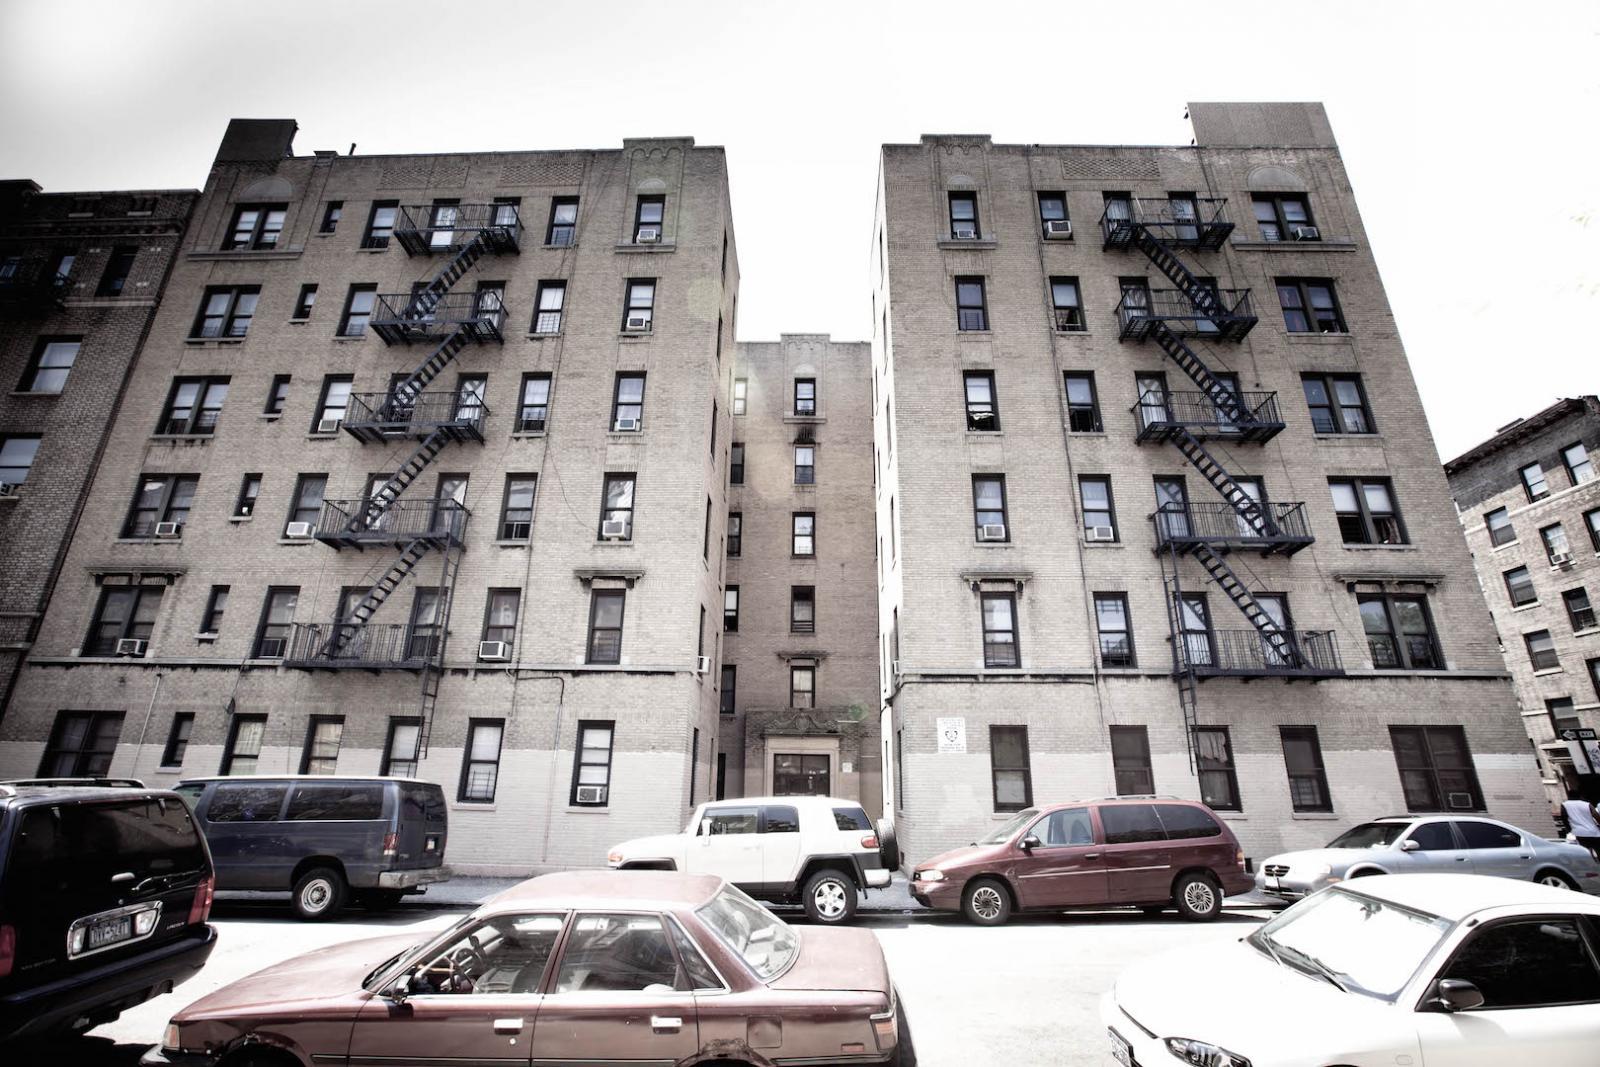 Typische Wohnsituation in der Bronx / Bild: Nate Bolt / Flickr.com